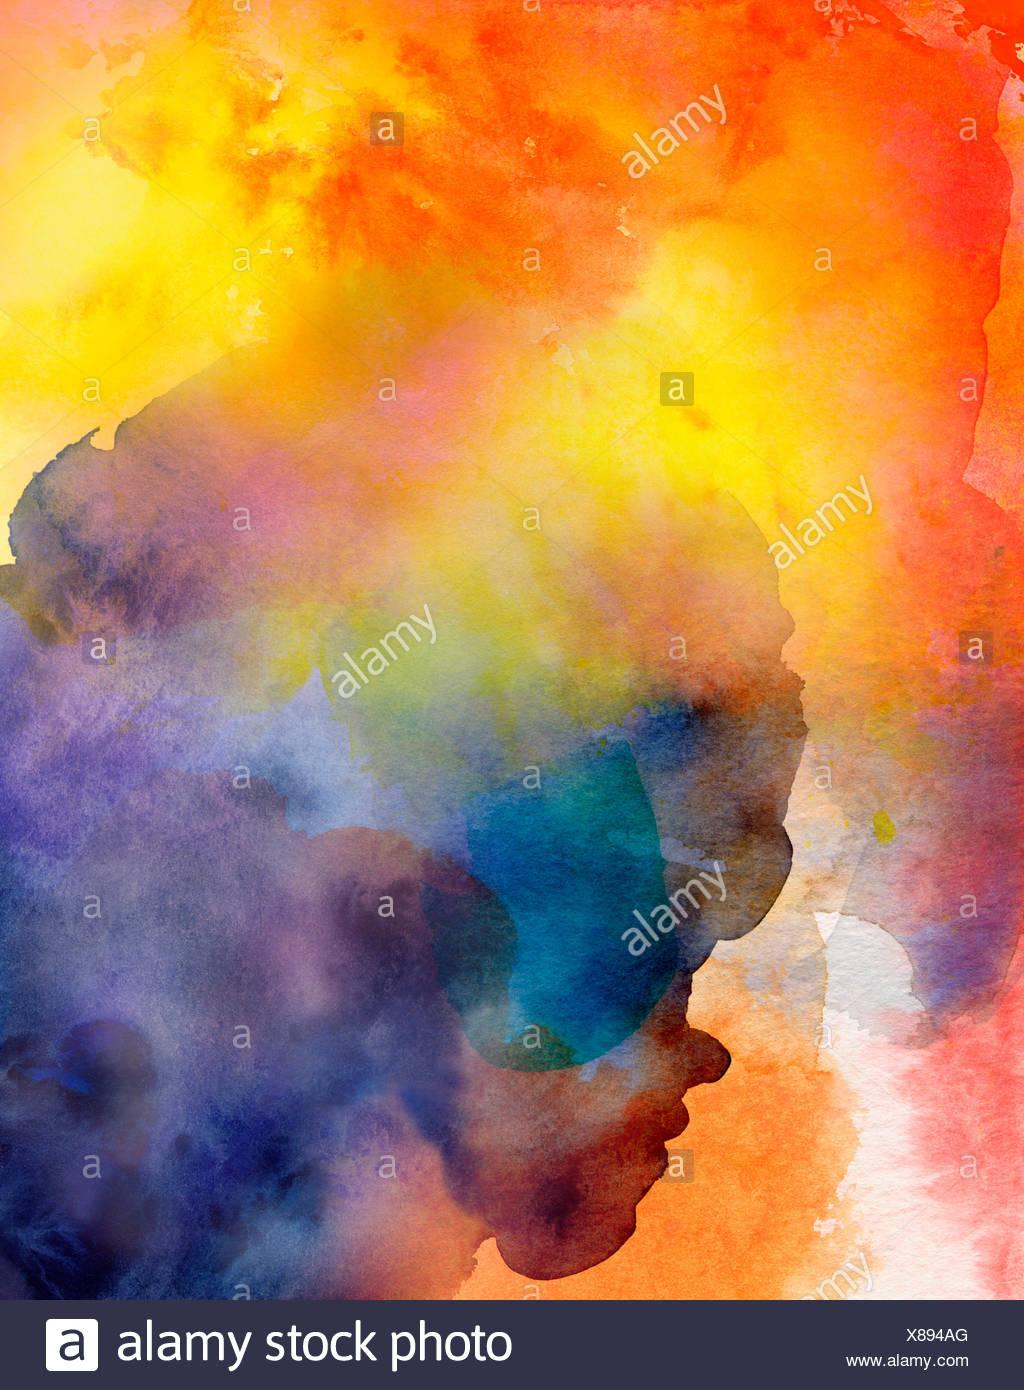 aquarell farbflächen abstrakt bunt - Stock Image